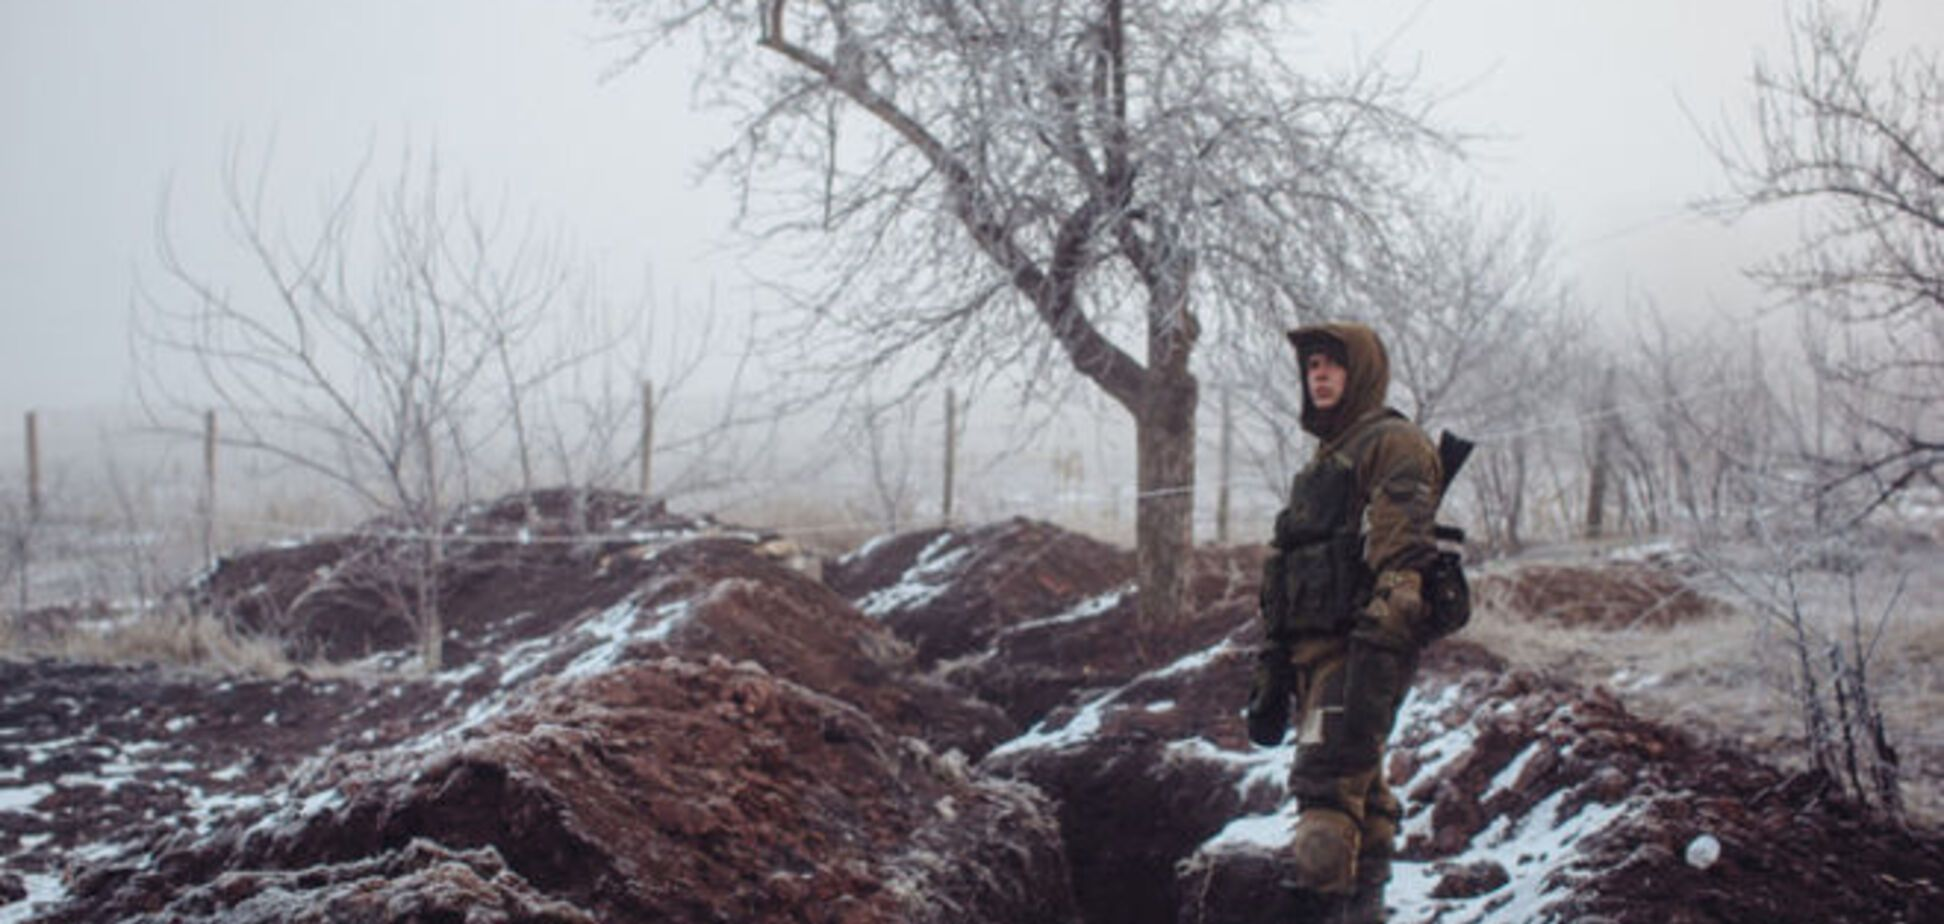 Боевики сосредоточились на донецком направлении: 17 раз нарушили 'тишину', 8 раз обстреляли мирных жителей